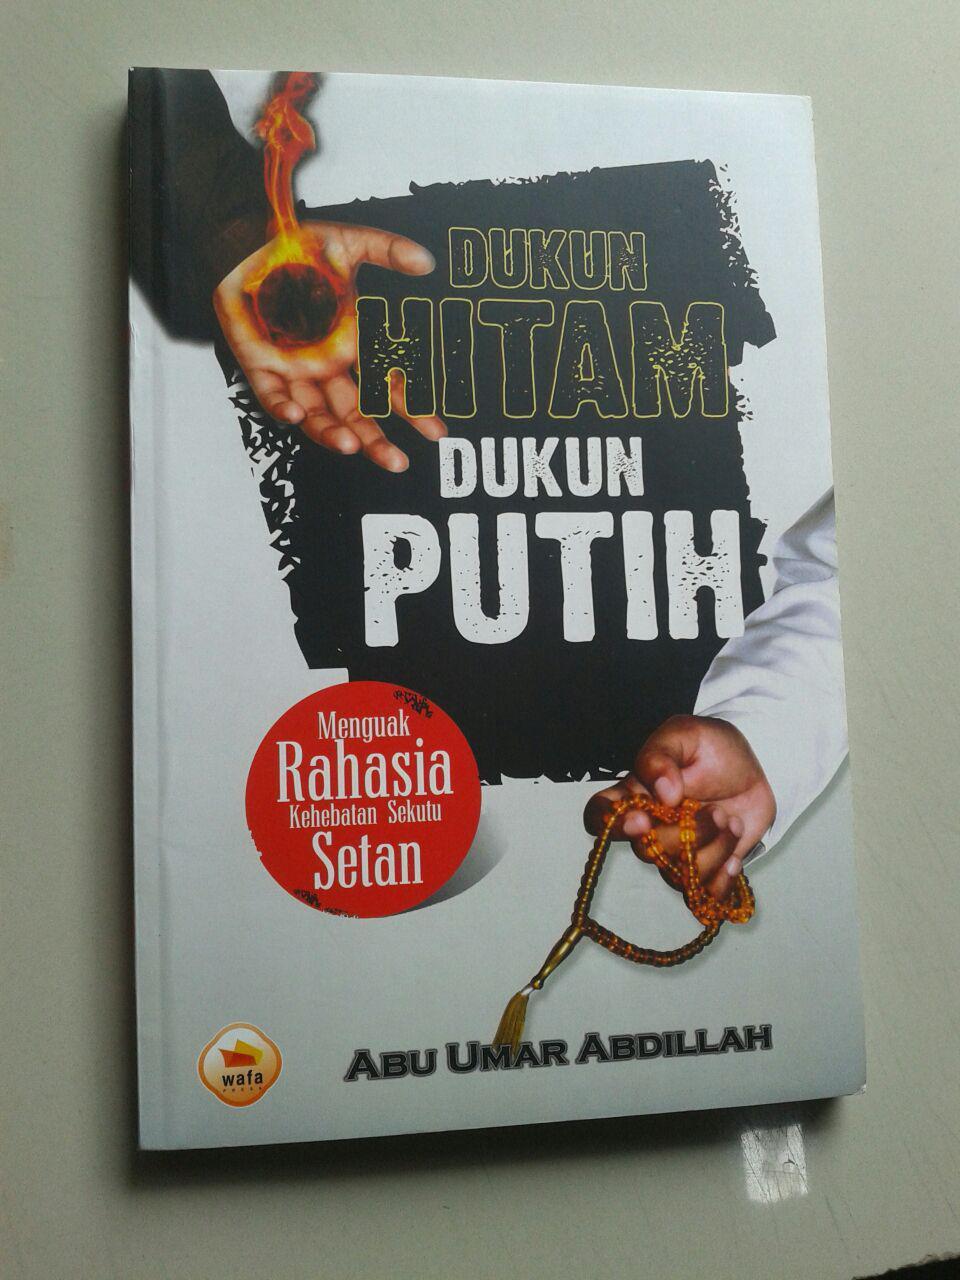 Buku Dukun Hitam Dukun Putih Menguak Rahasia Kehebatan Sekutu Setan cover